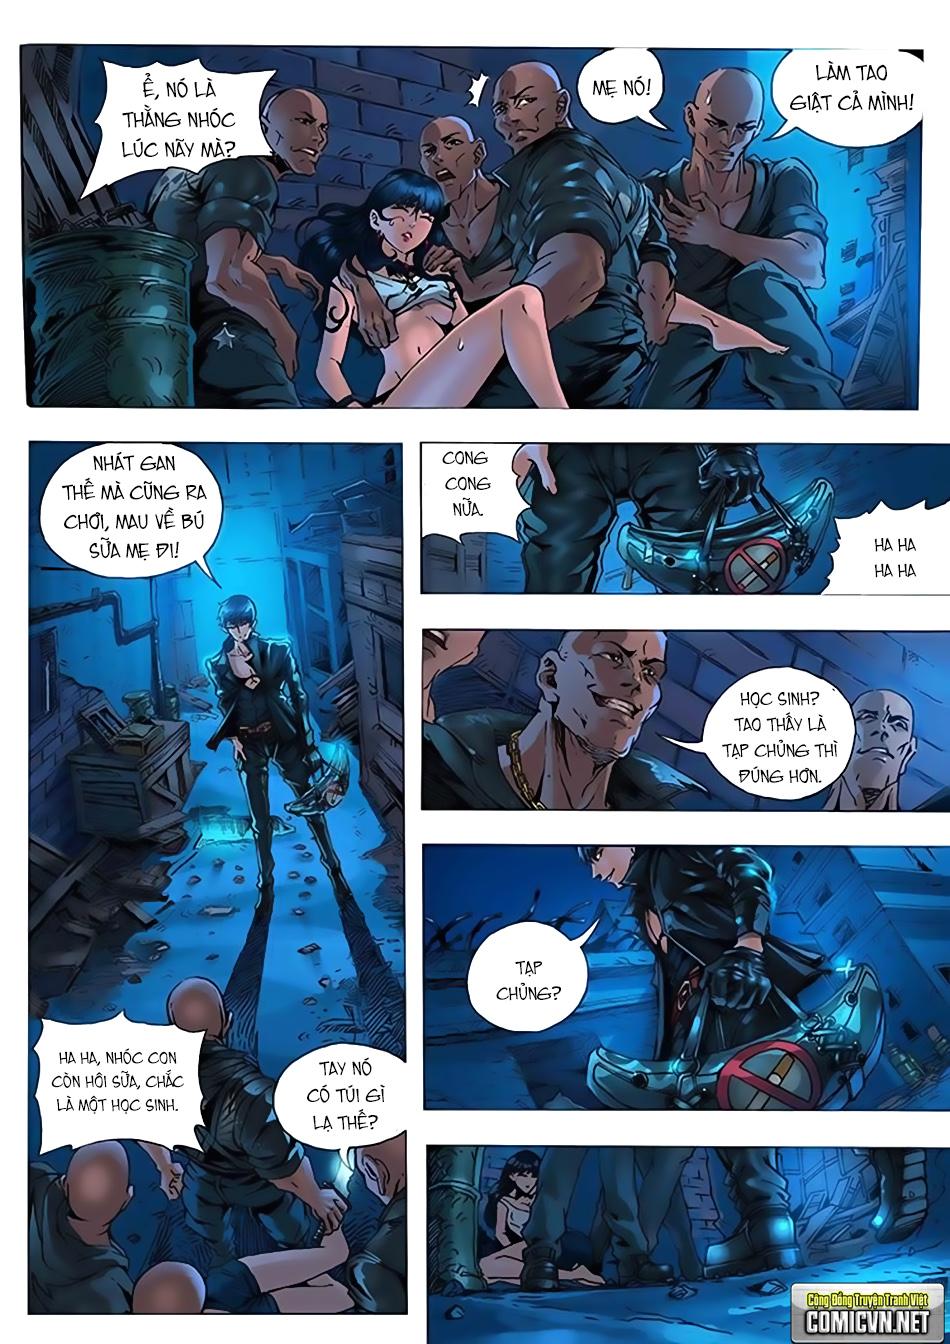 Đường Dần Tại Dị Giới Chap 1 - Trang 14